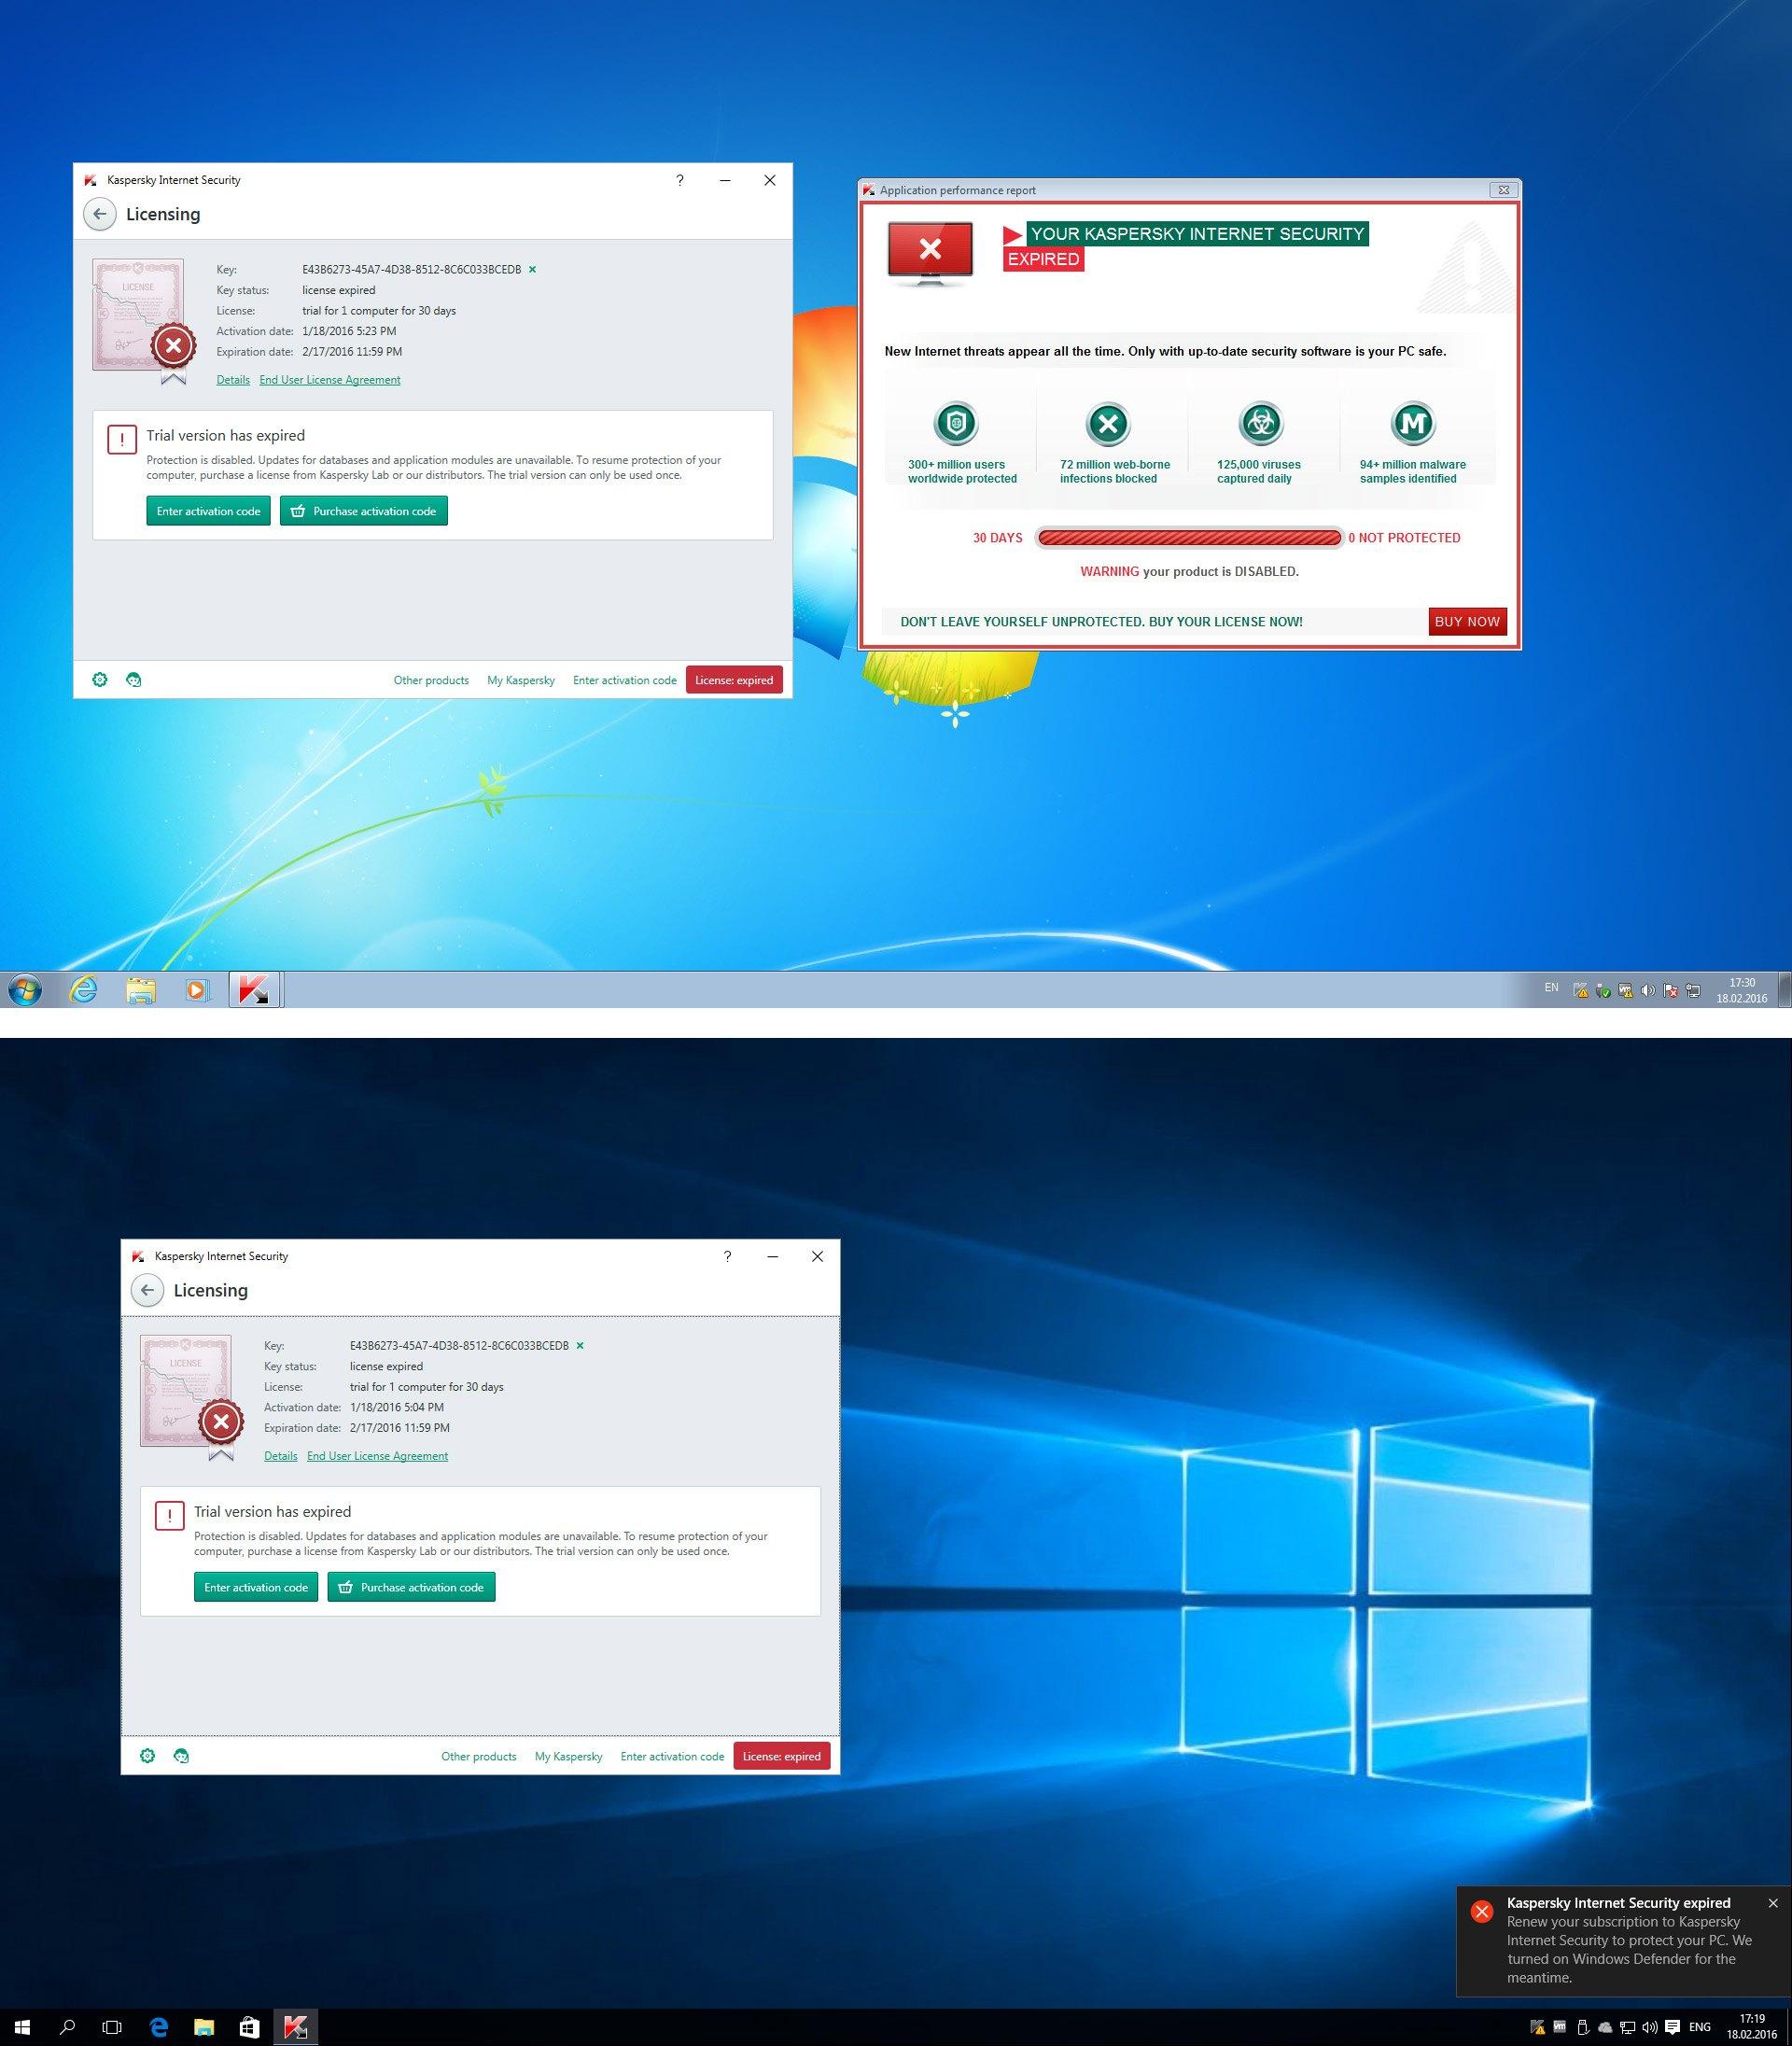 Уведомление об истечении лицензии на защиту здорового человека (сверху) и уведомление в Windows 10 (снизу)